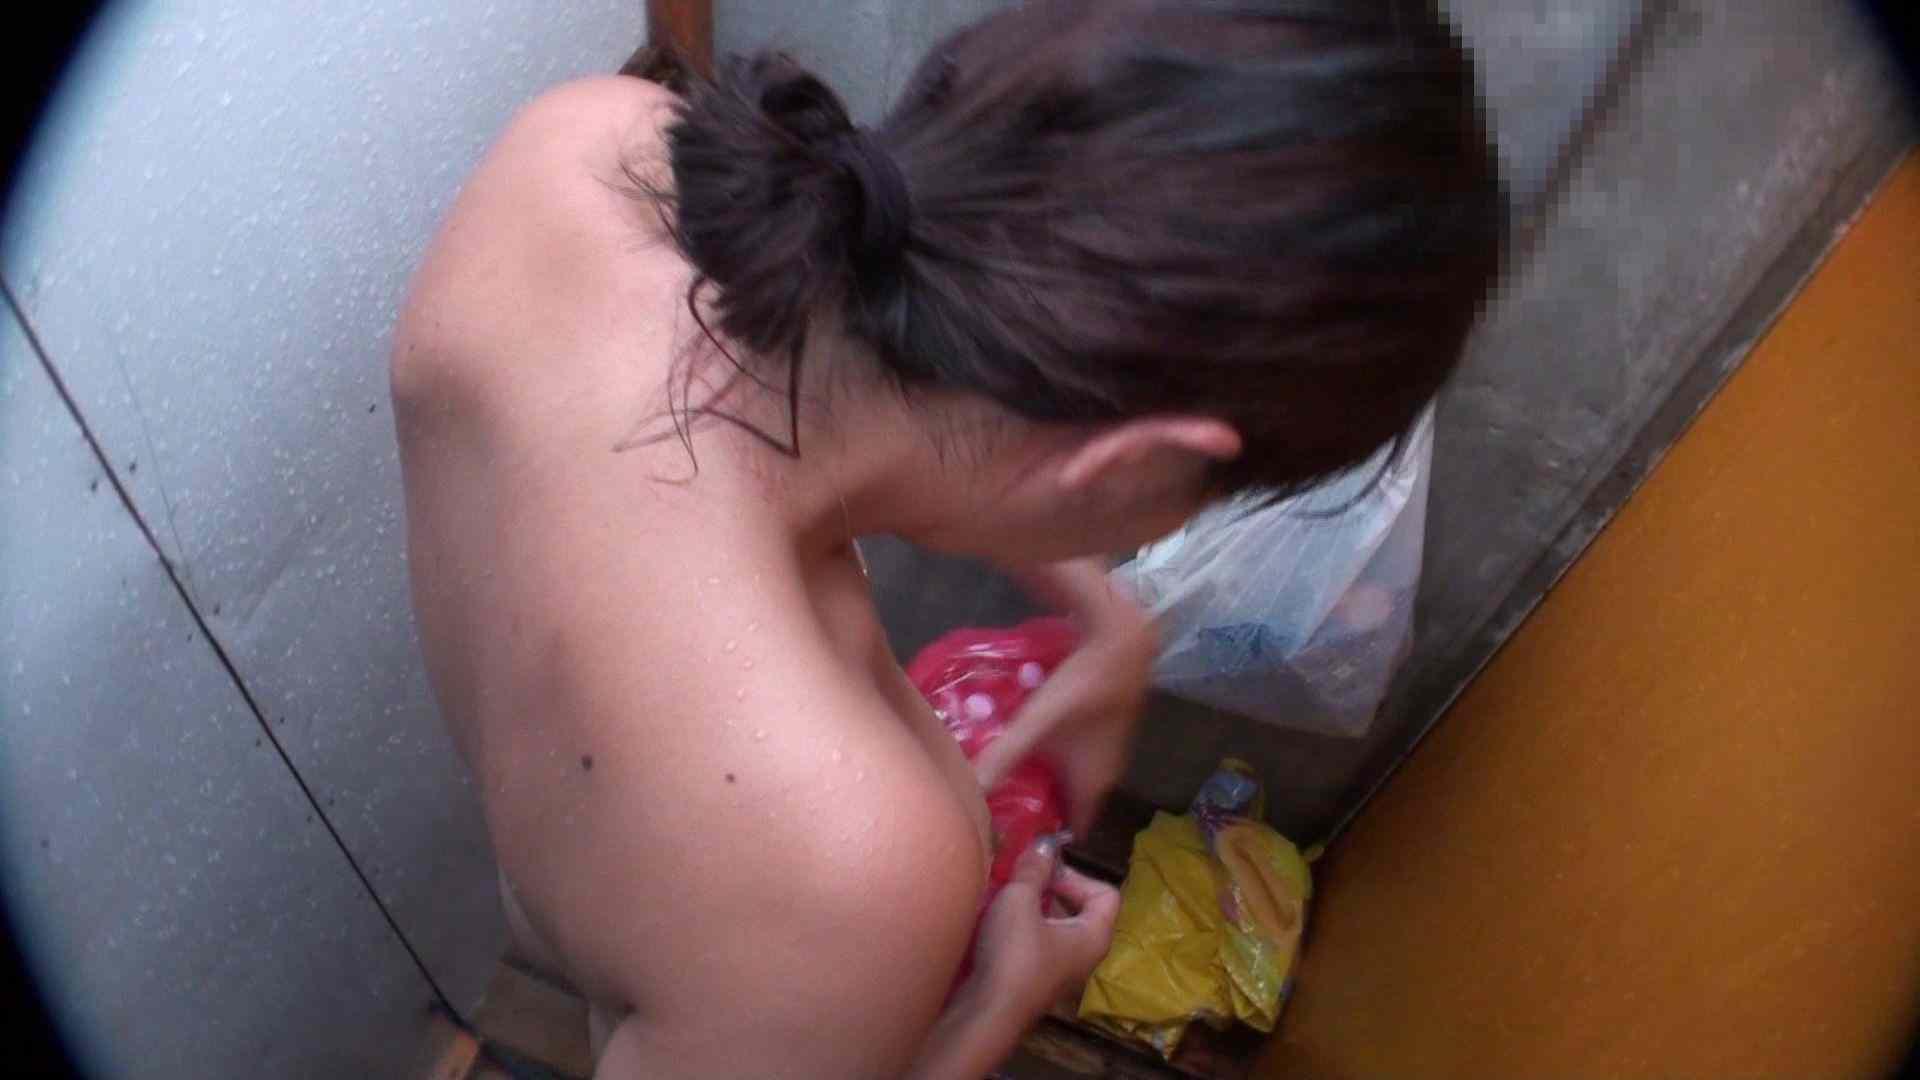 ハイビジョンシャワールームは超!!危険な香りVol.31 清楚なママのパンツはティーバック 脱衣所の着替え  103画像 66